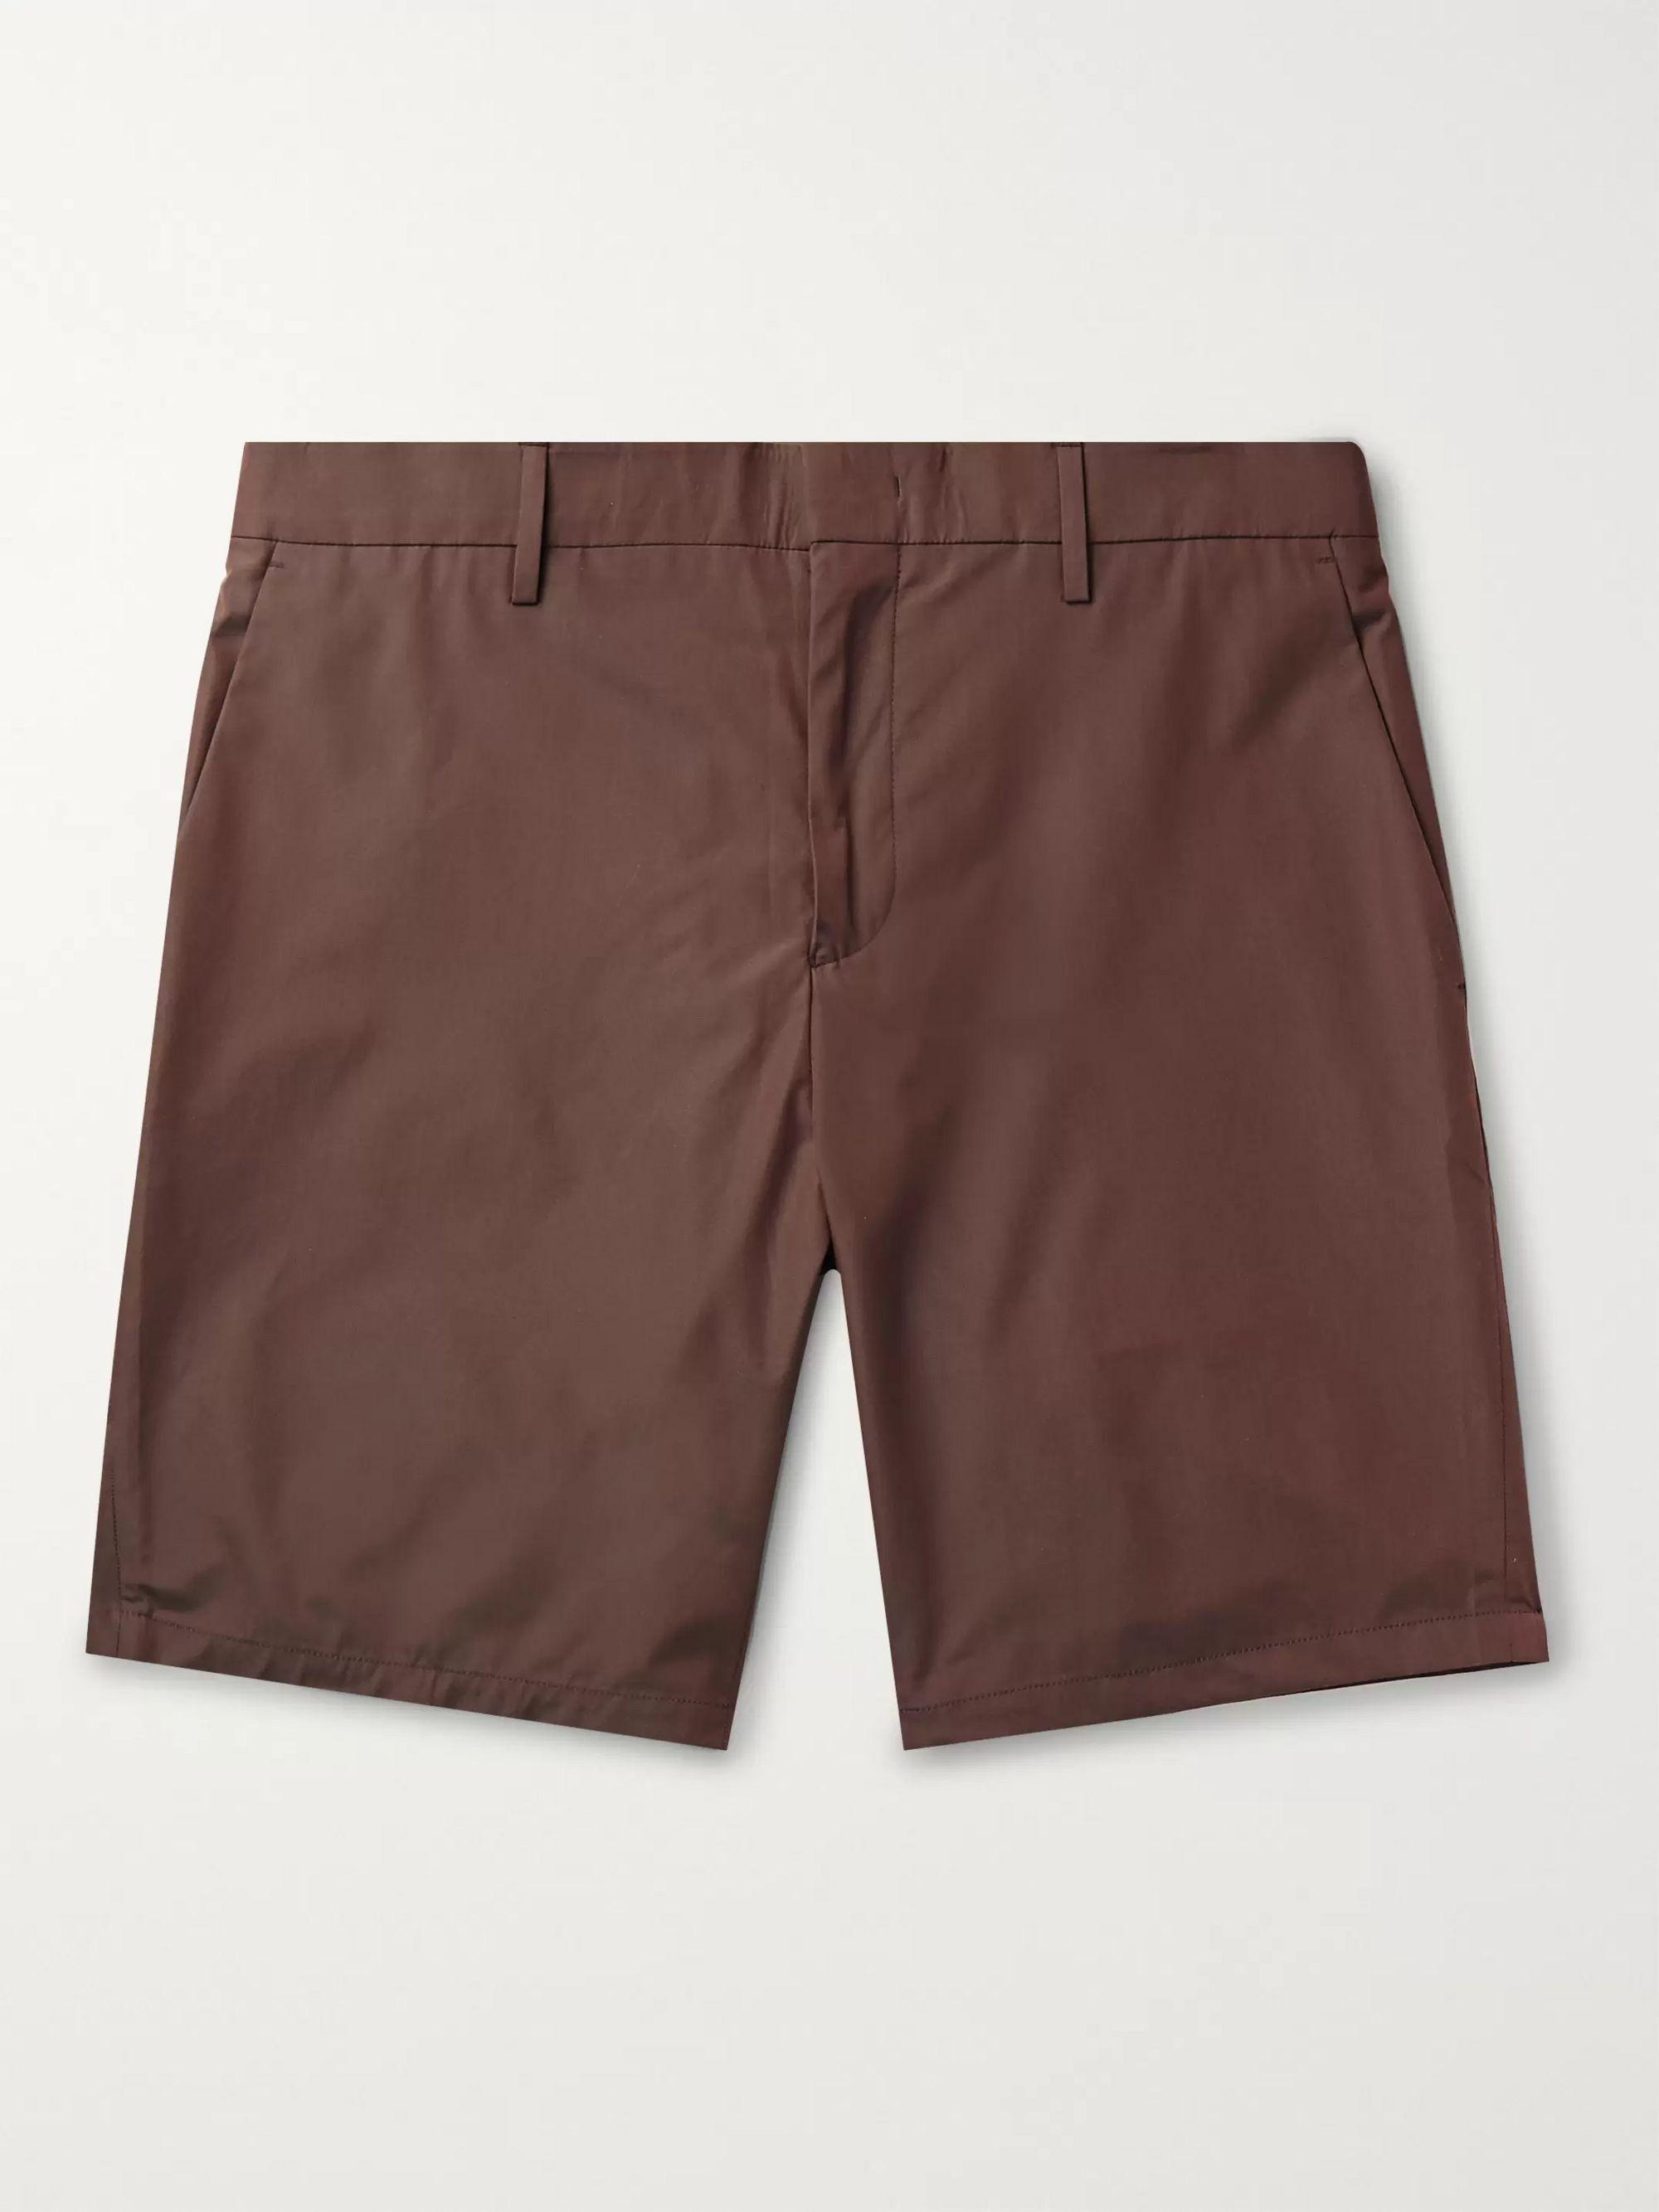 폴 스미스 Paul Smith Cotton Shorts,Chocolate